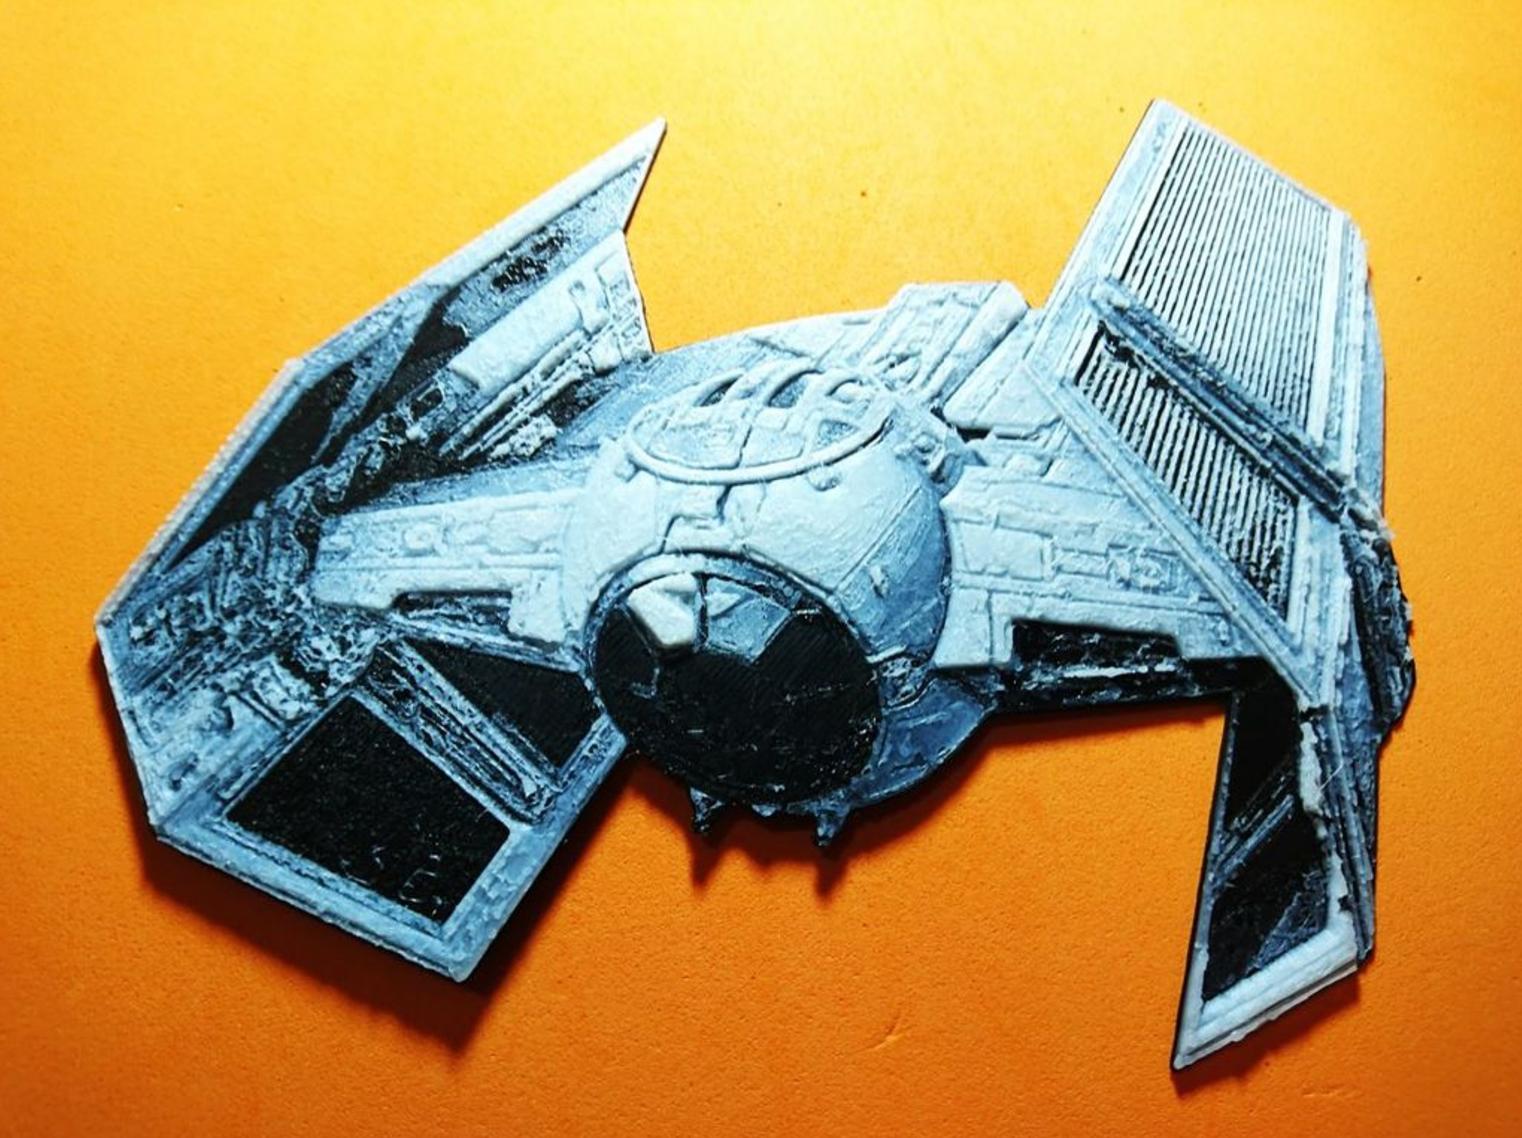 Capture d'écran 2017-07-26 à 10.06.13.png Download free STL file Star Wars Combat Ship 3D Drawing • 3D print model, 3dlito